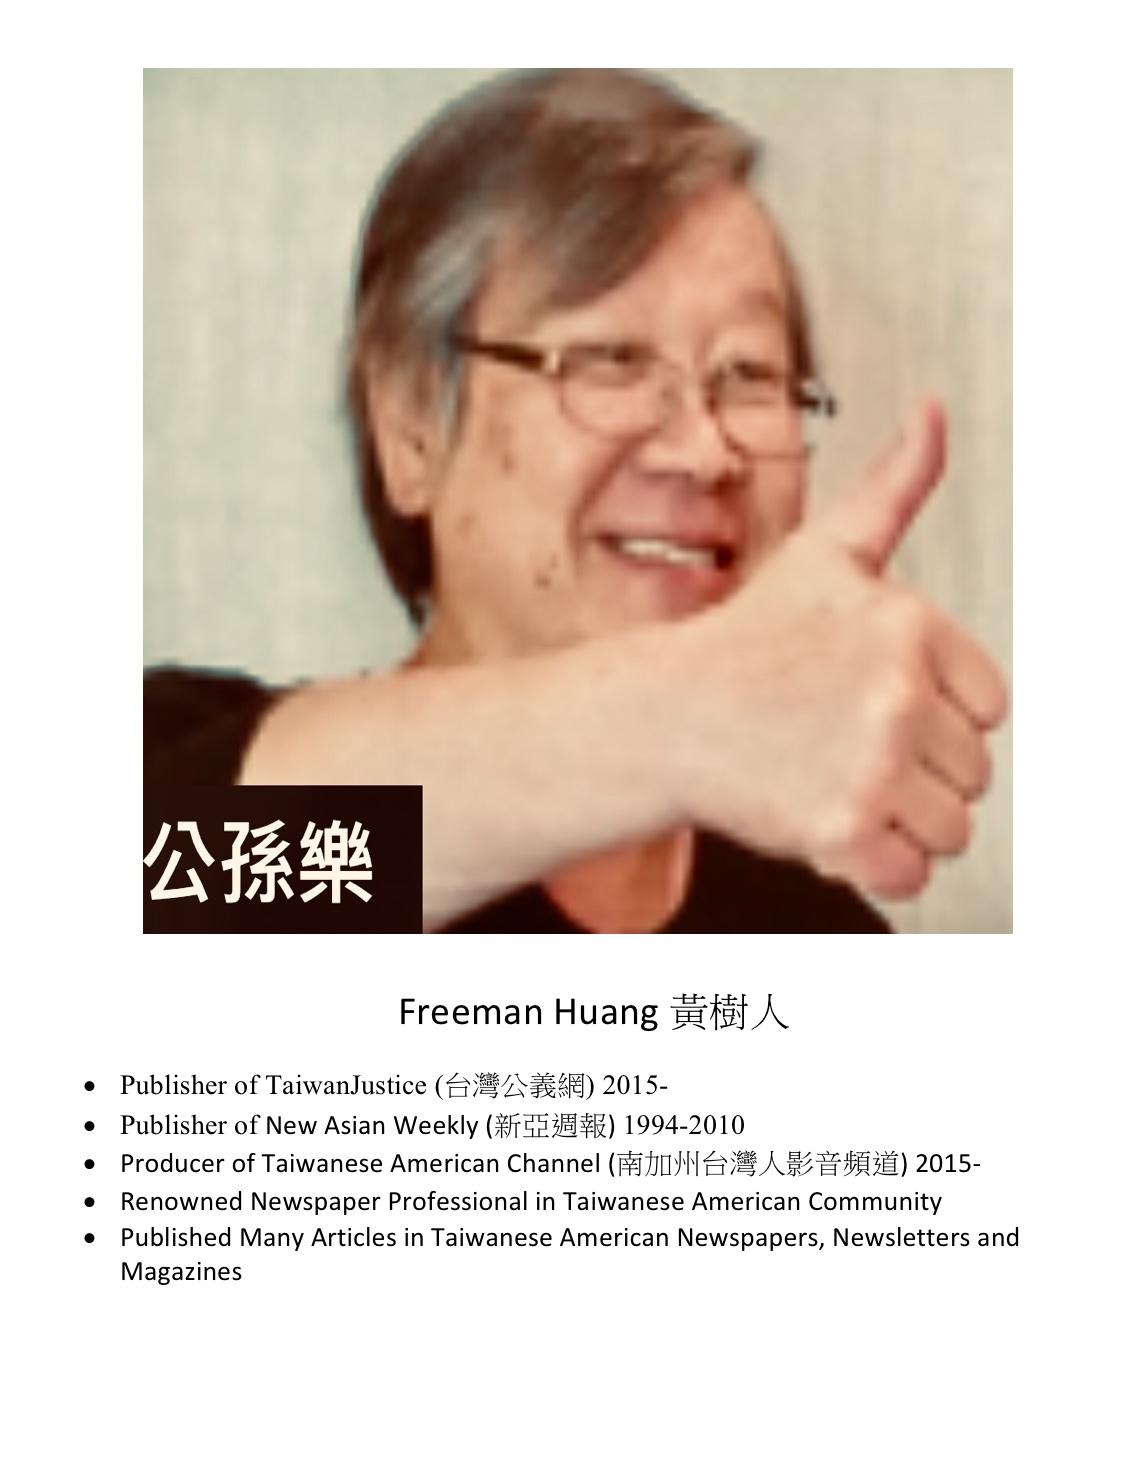 202. Freeman Huang 黃樹人